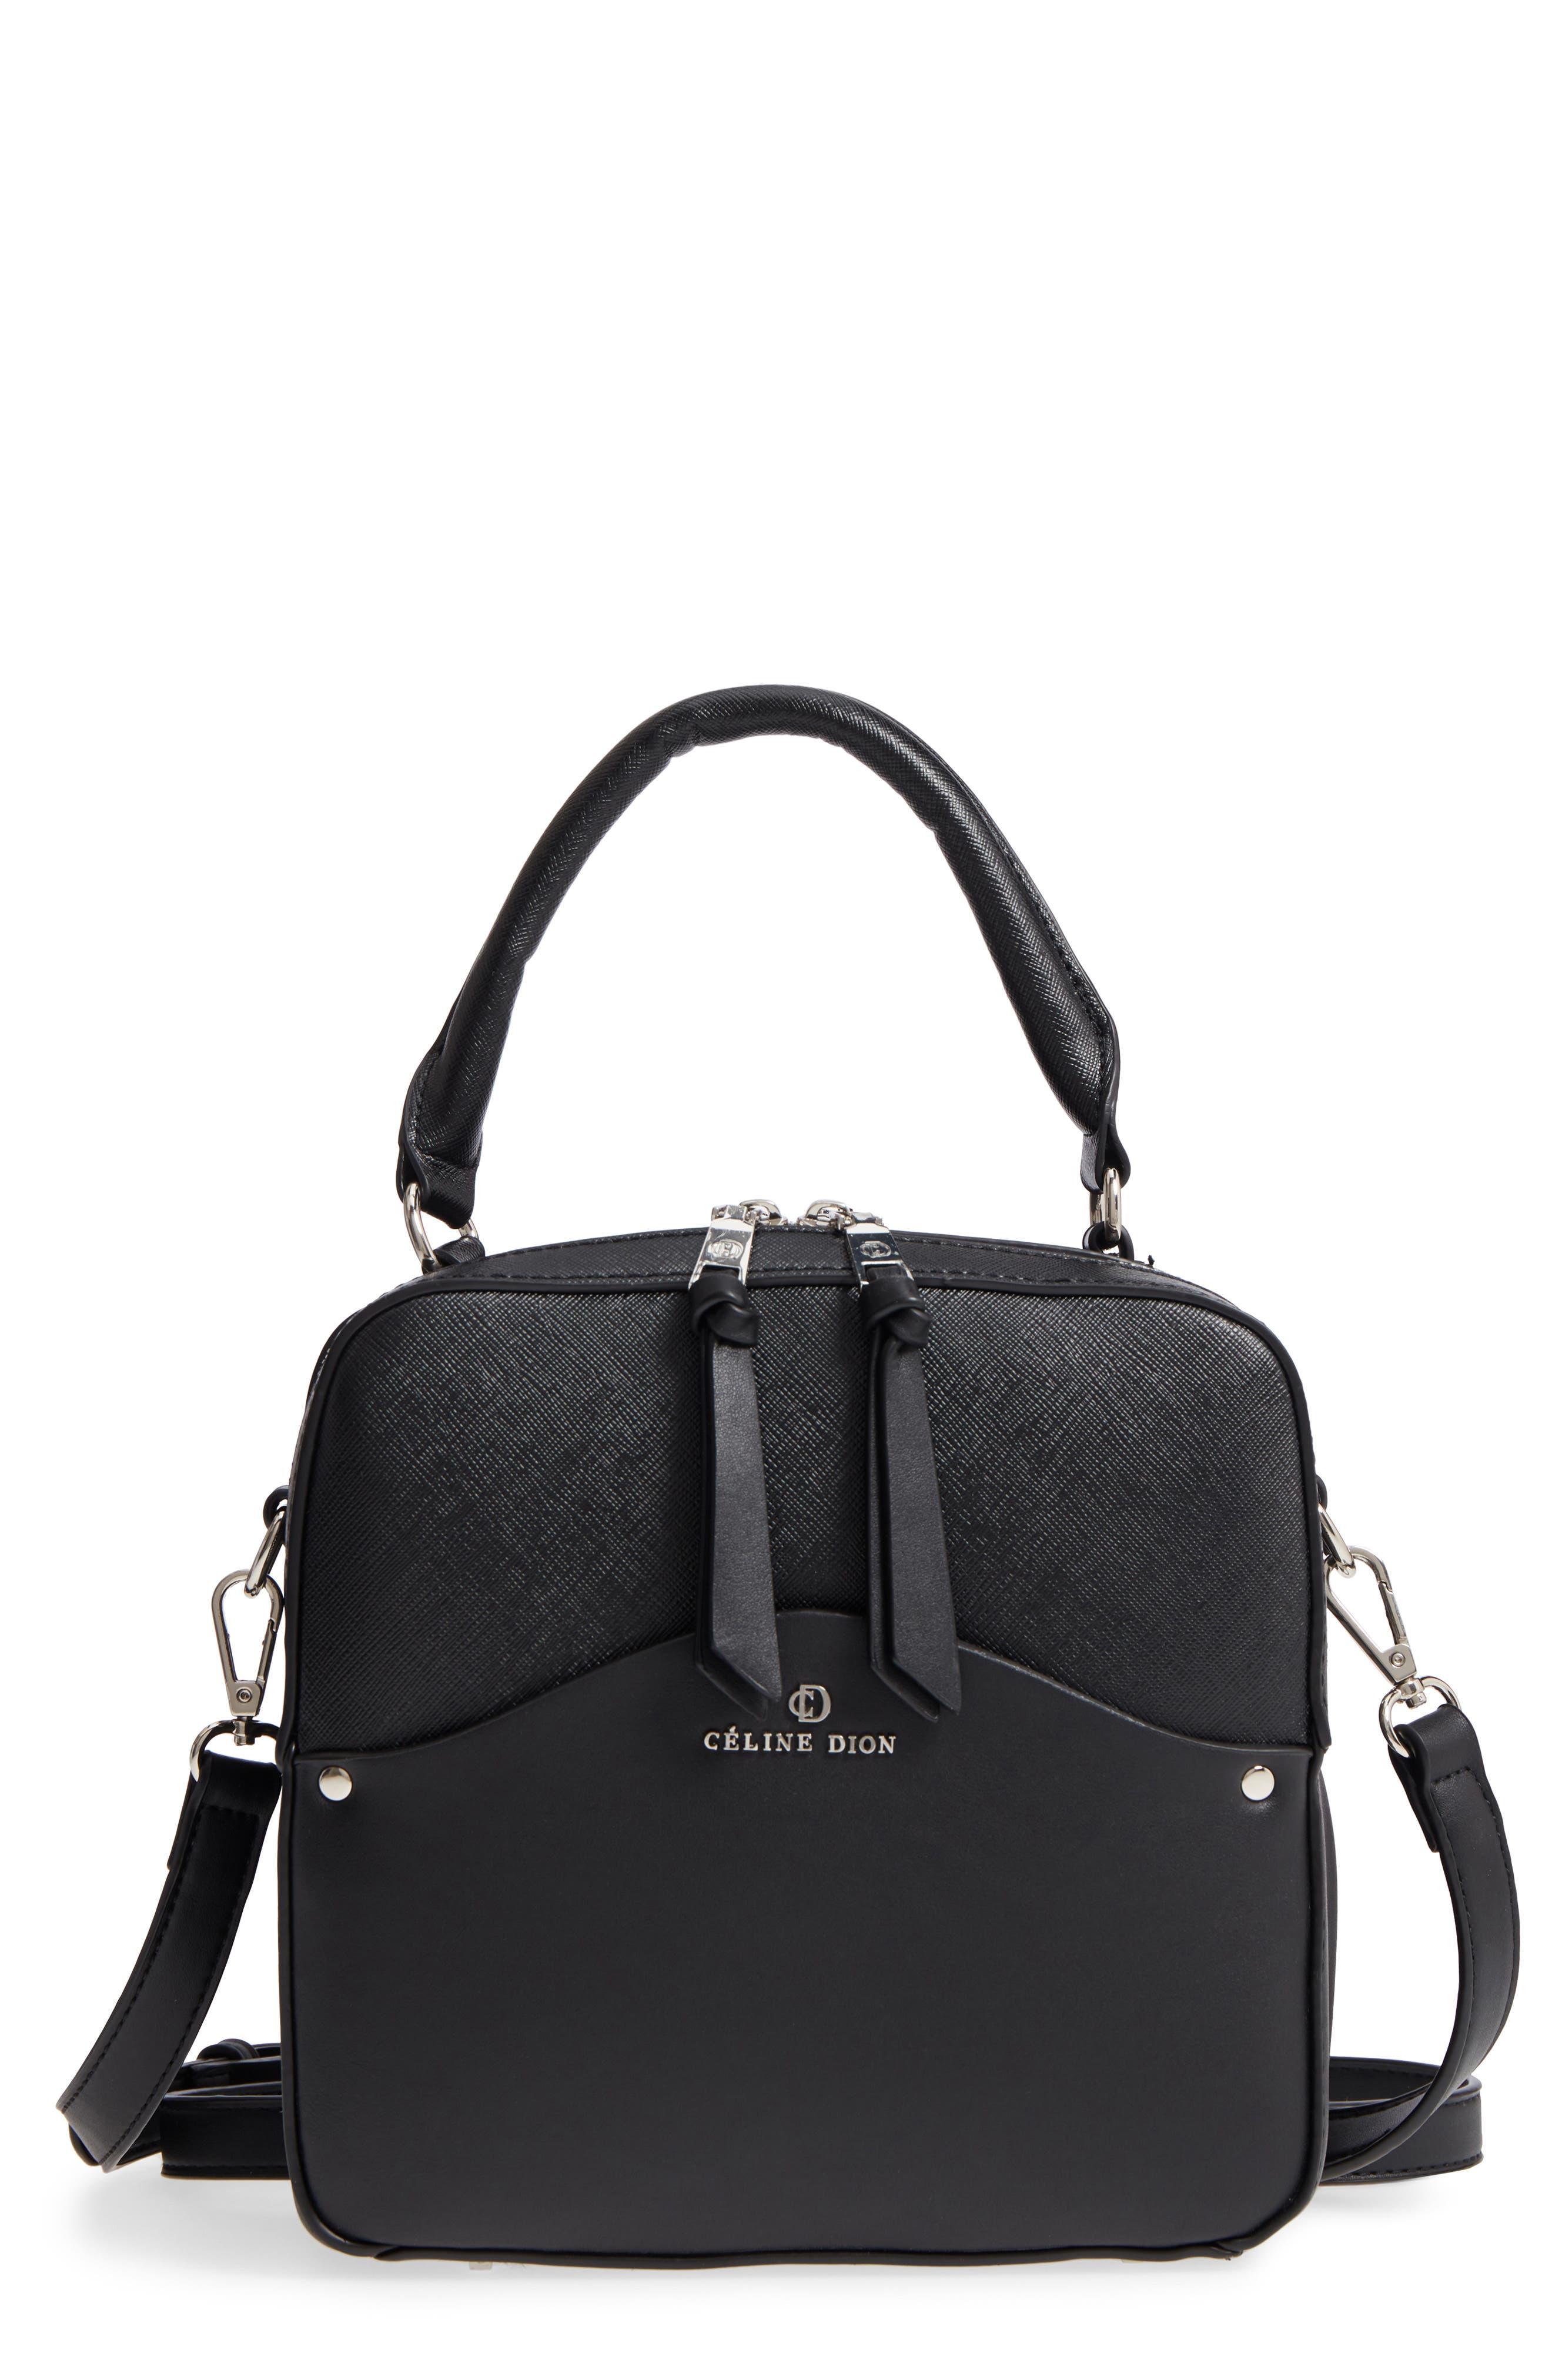 Céline Dion Motif Top Handle Leather Satchel,                         Main,                         color,